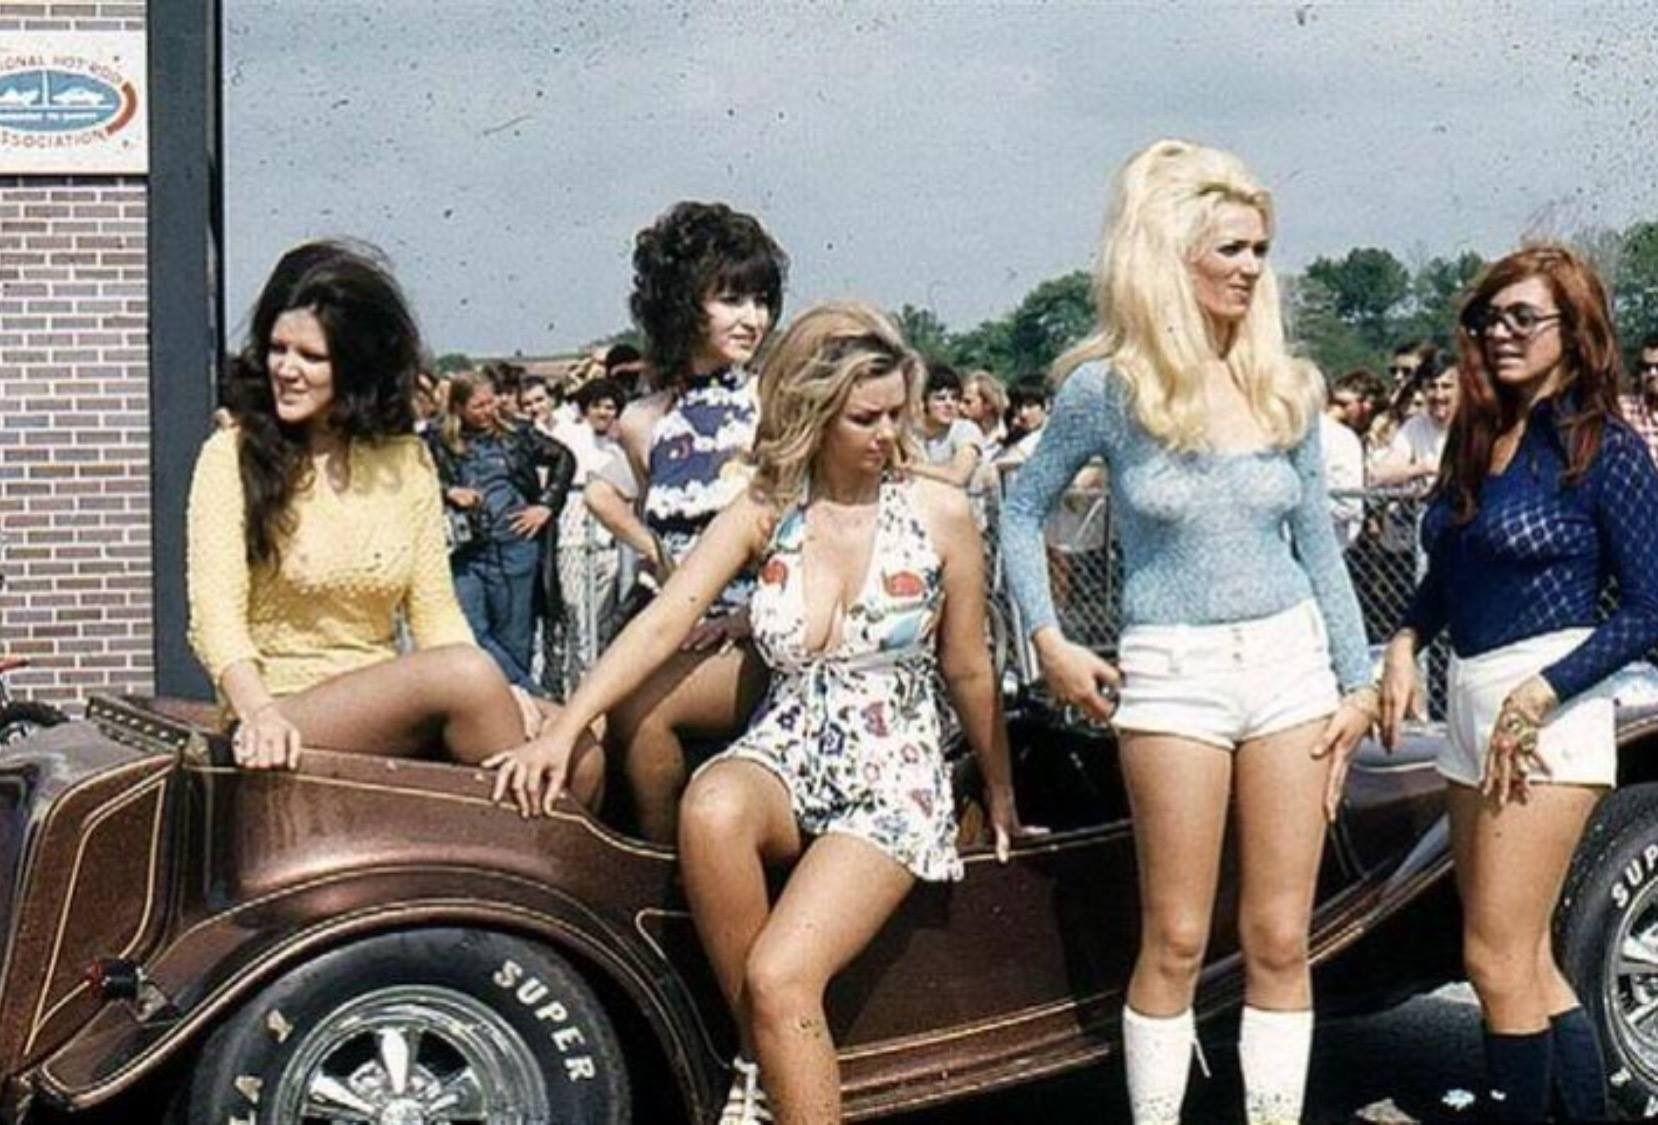 Mayhem by Frank Salaman | Hotrod girls